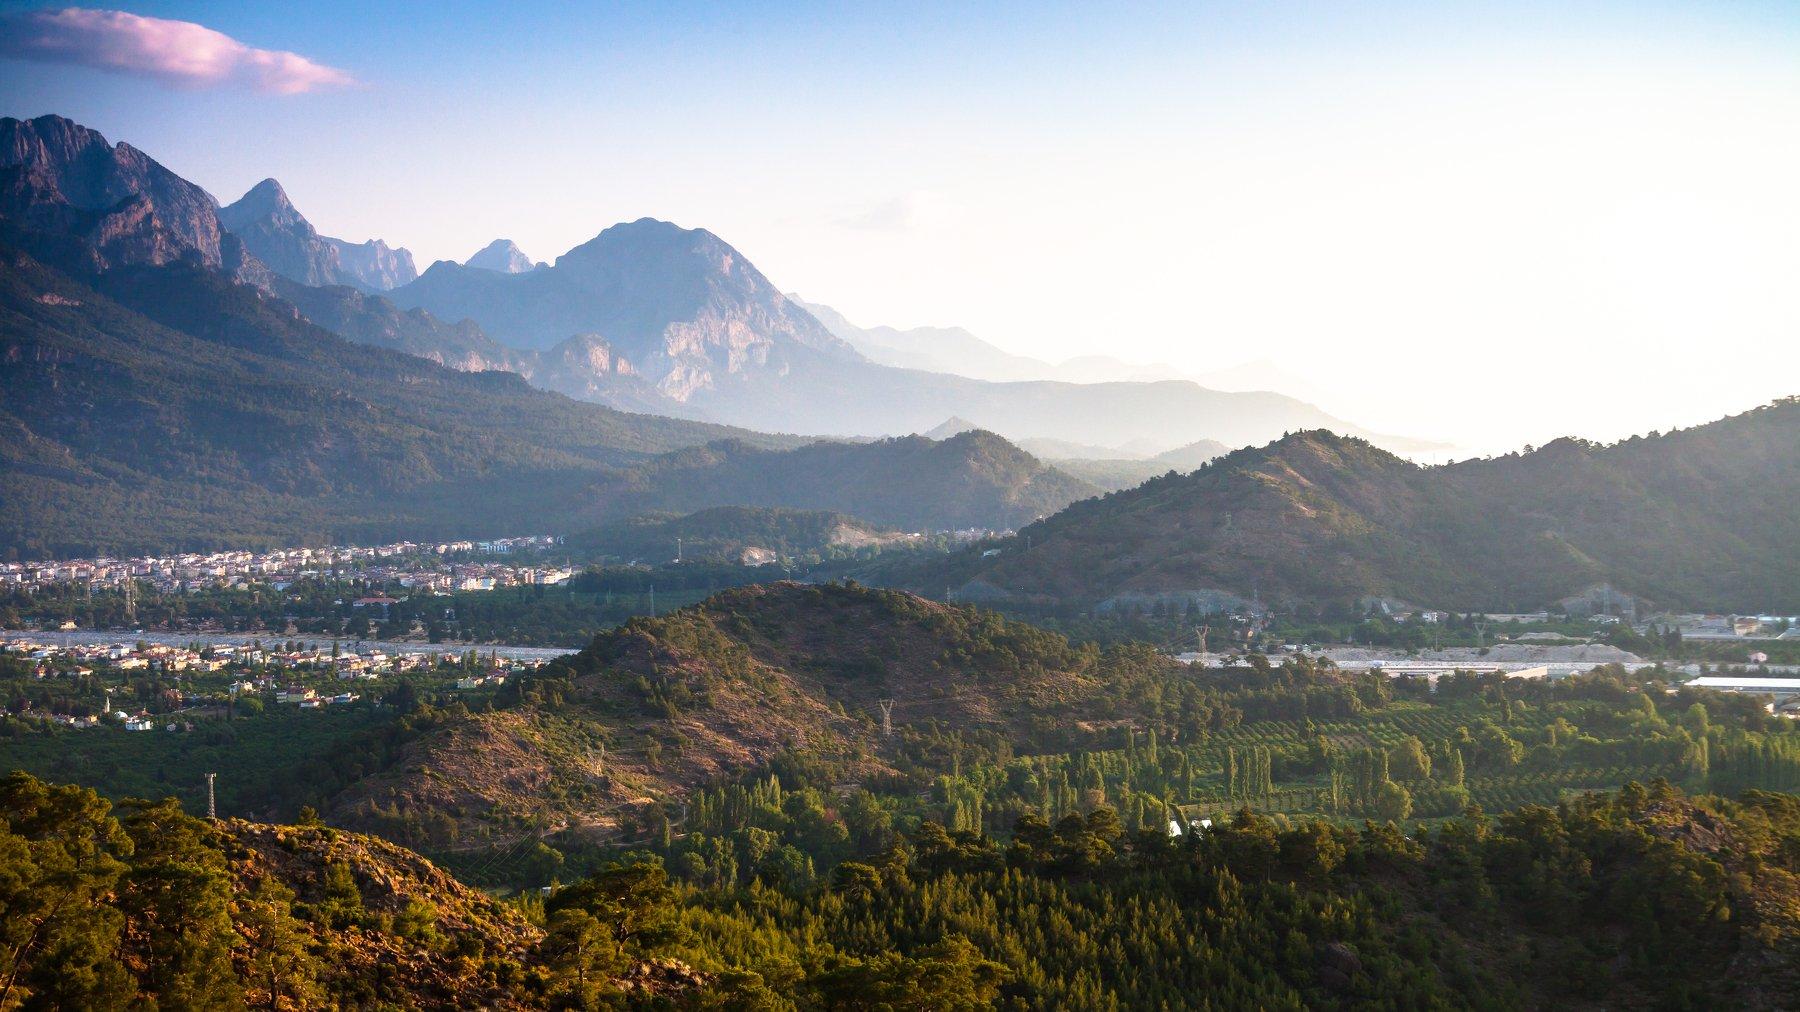 Турция, Кемер, горы, пейзаж, рассвет, красота, природа, Иван Губанов